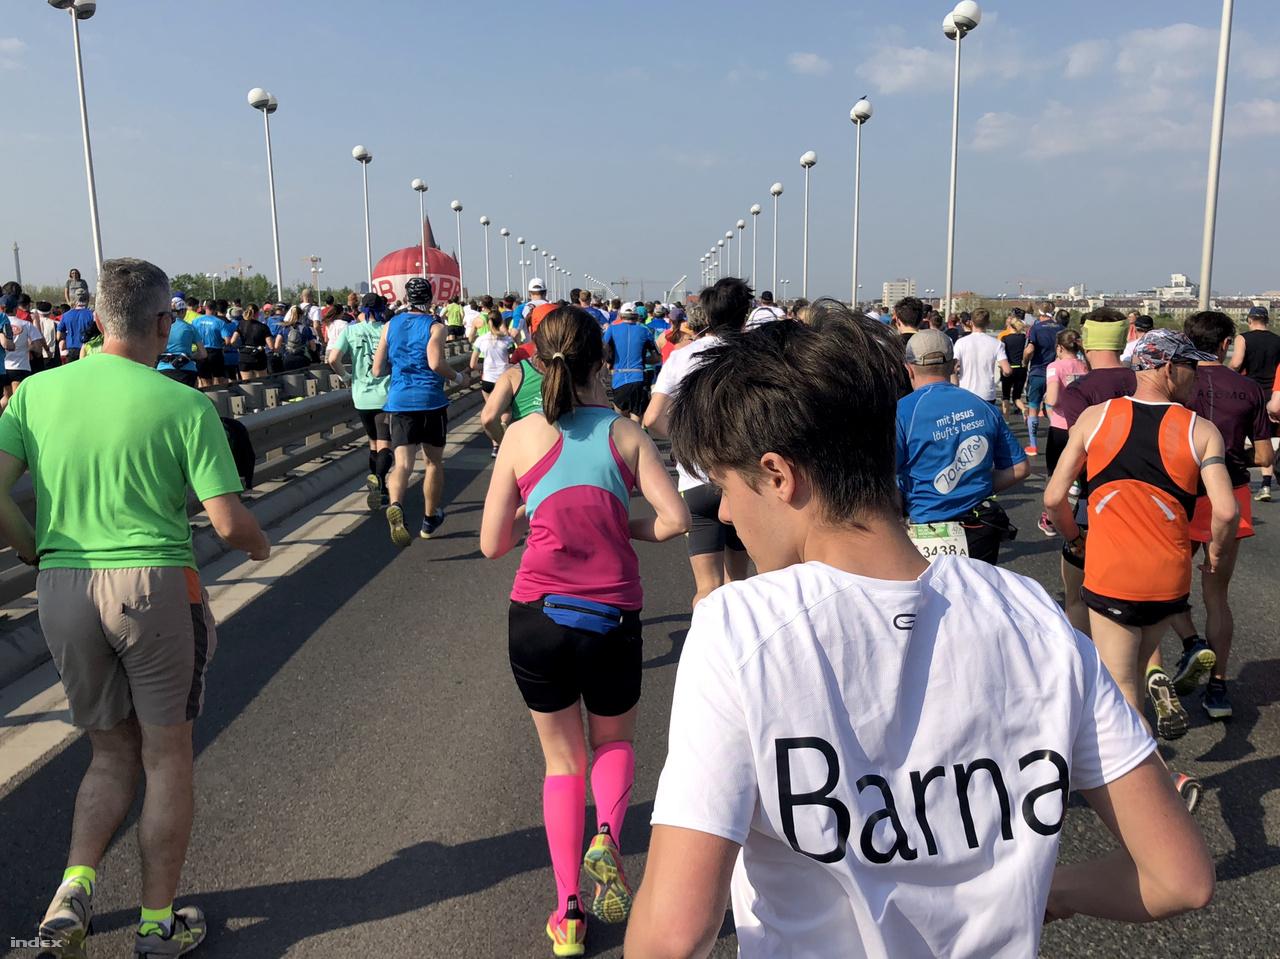 Nem is csoda, mert az eseményen majdnem 42 ezren indultak a maratoni és a félmaratoni távon, valamint váltóban. Köztük sok magyar.